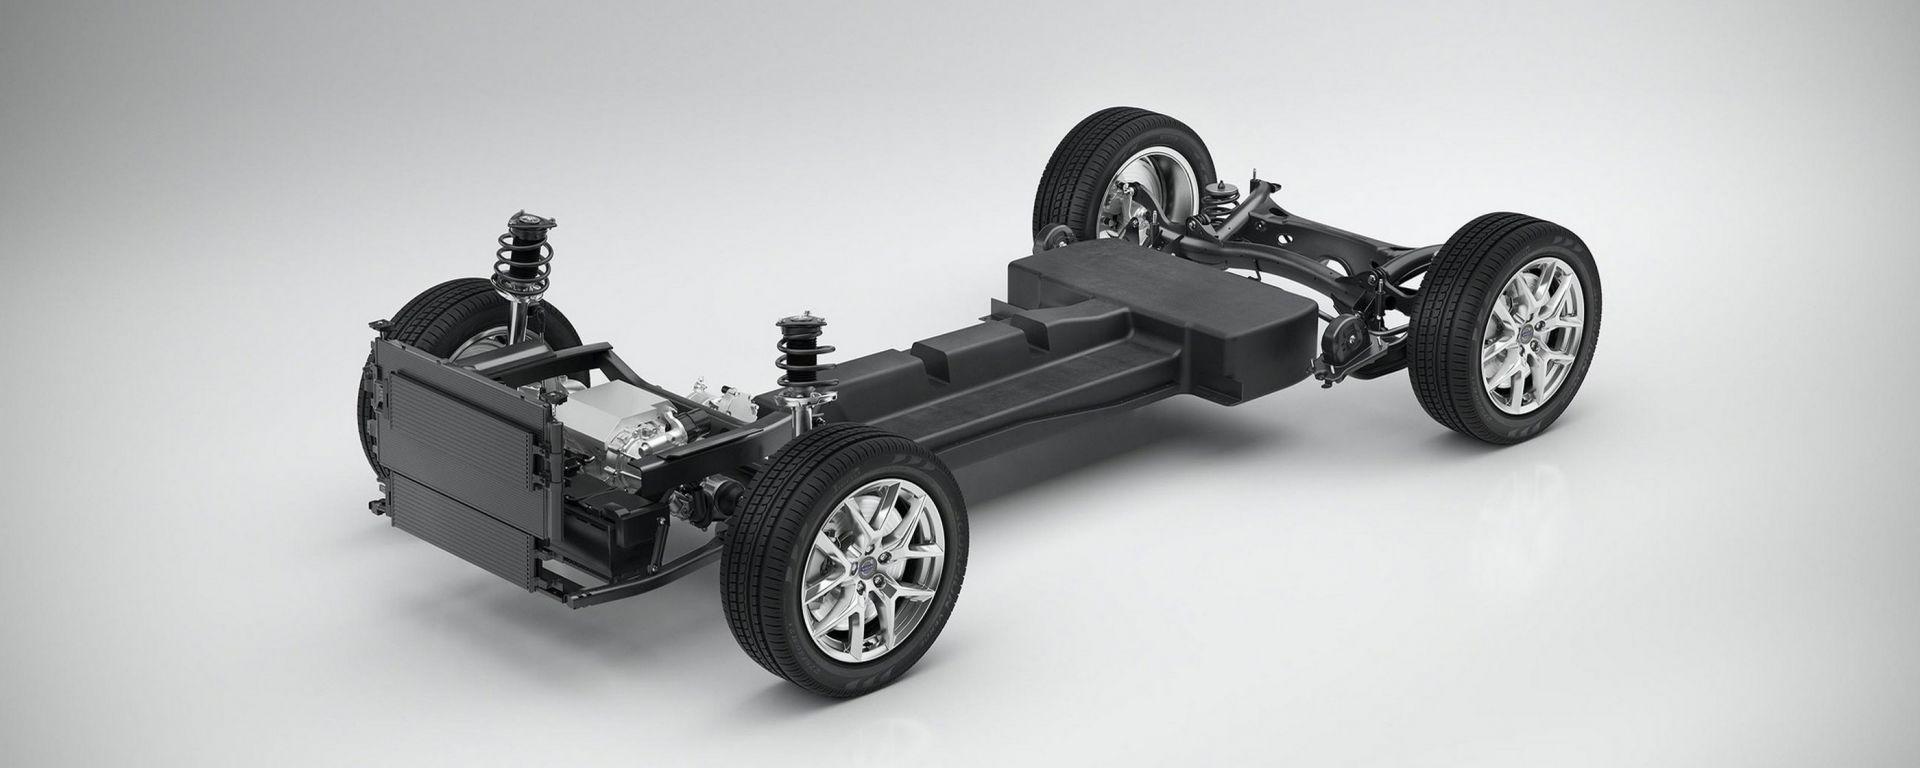 Volvo produrrà in serie modelli elettrici dal 2019